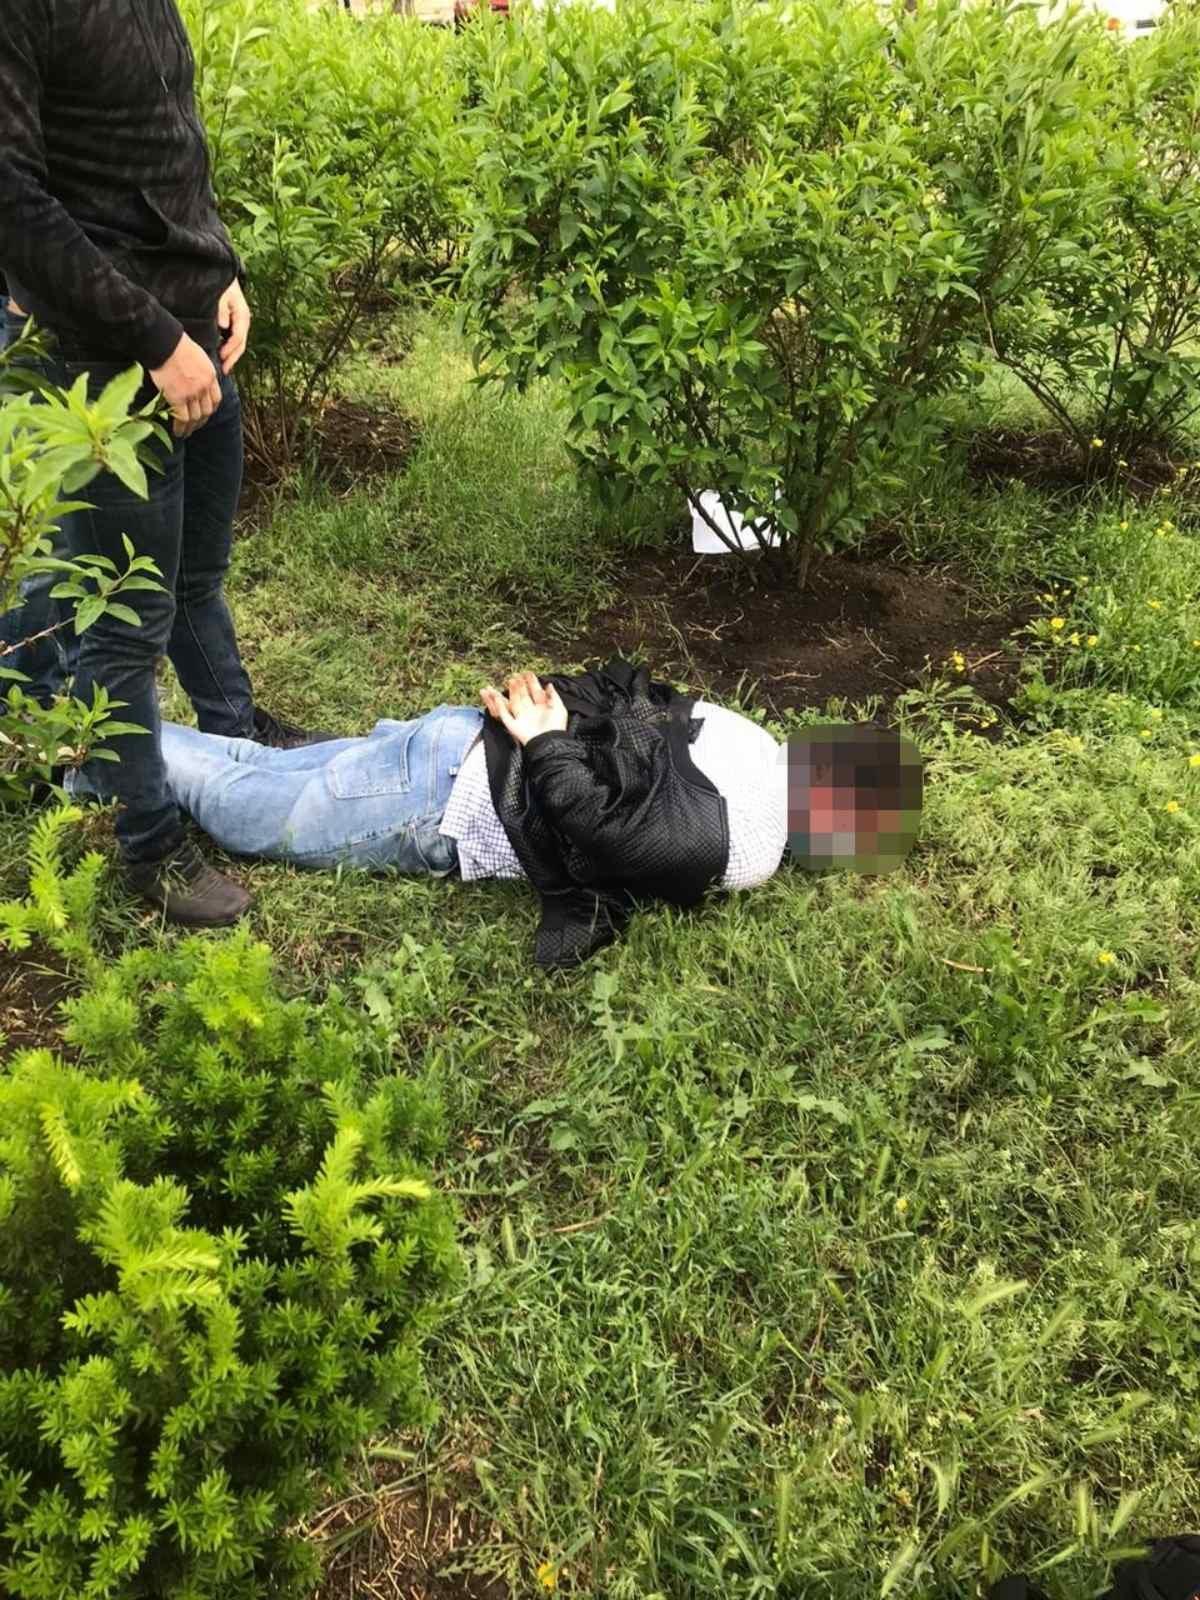 СБУ затримали чергового посадовця за вимогу хабаря від бердянських рибаків, фото-7